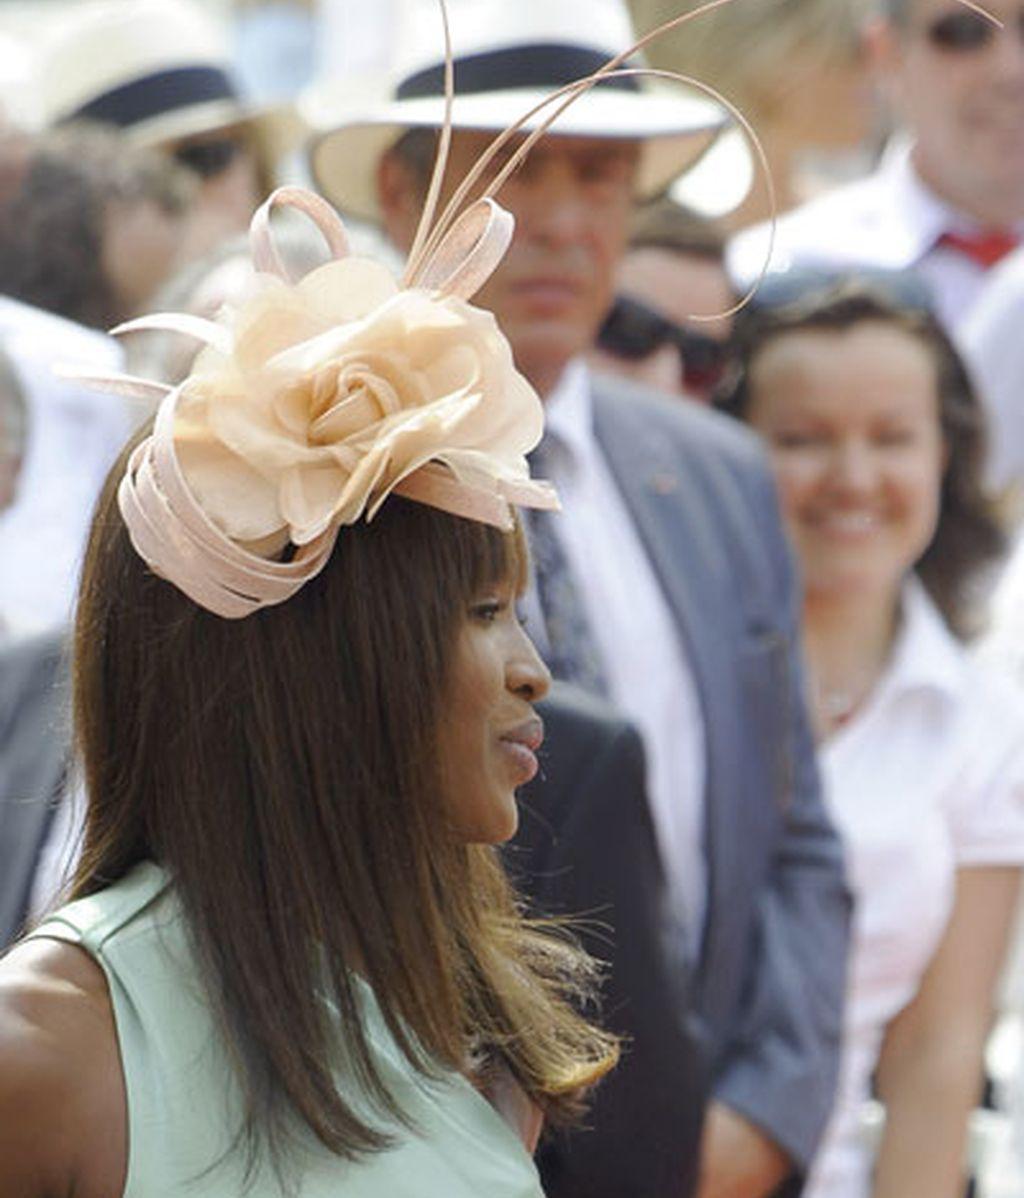 La modelo Naomi Campbell, con una gran flor en el pelo